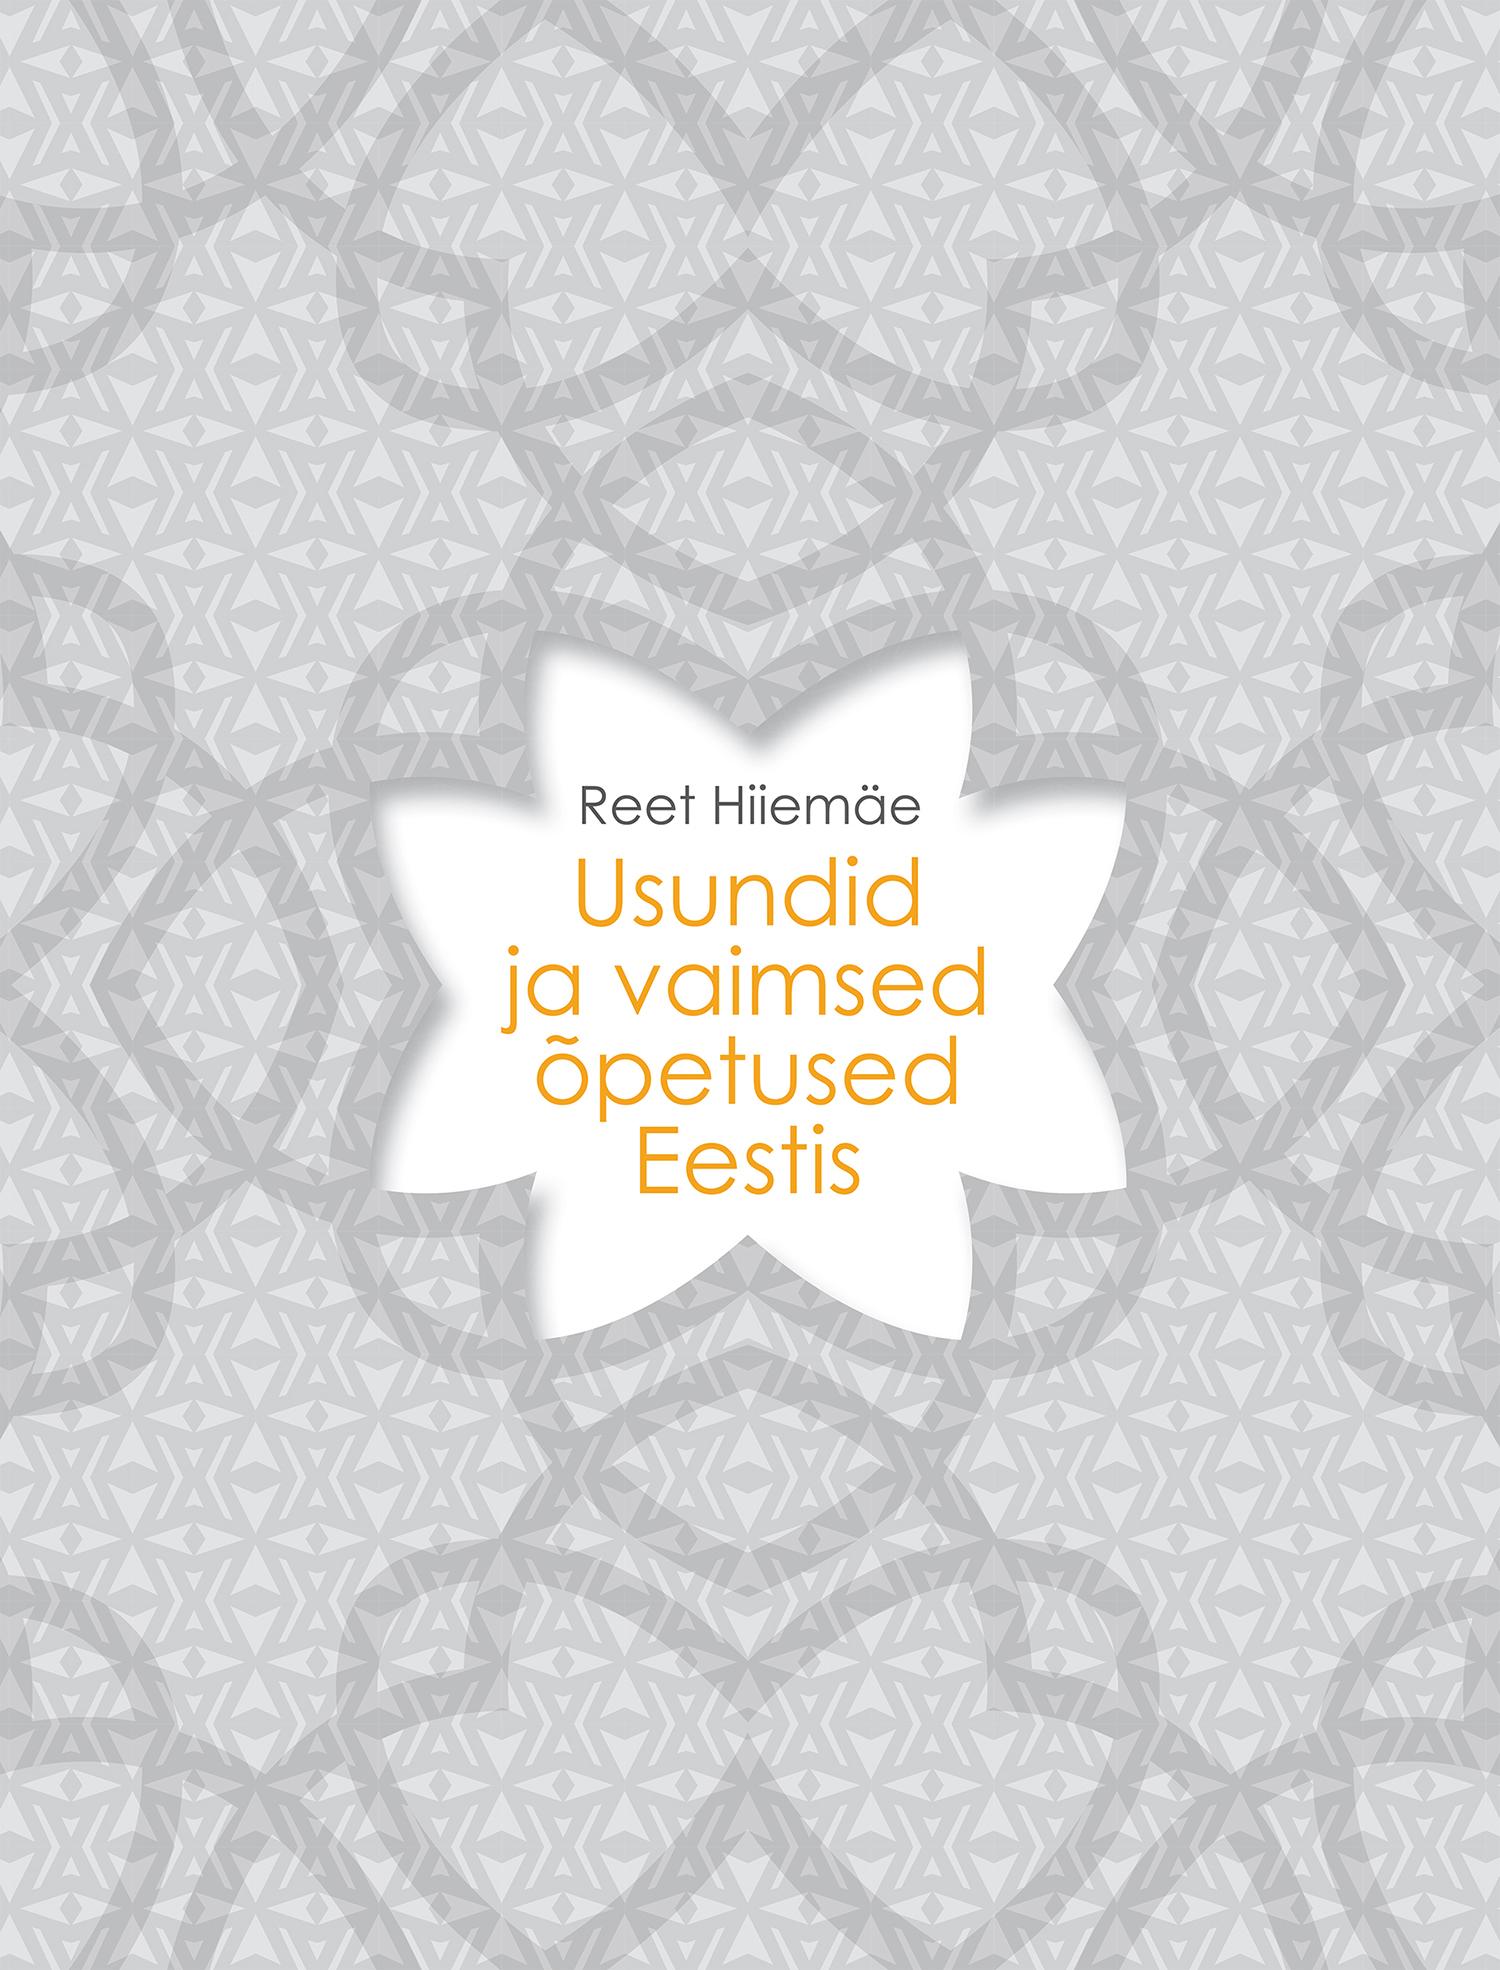 Usundid ja vaimsed õpetused eestis